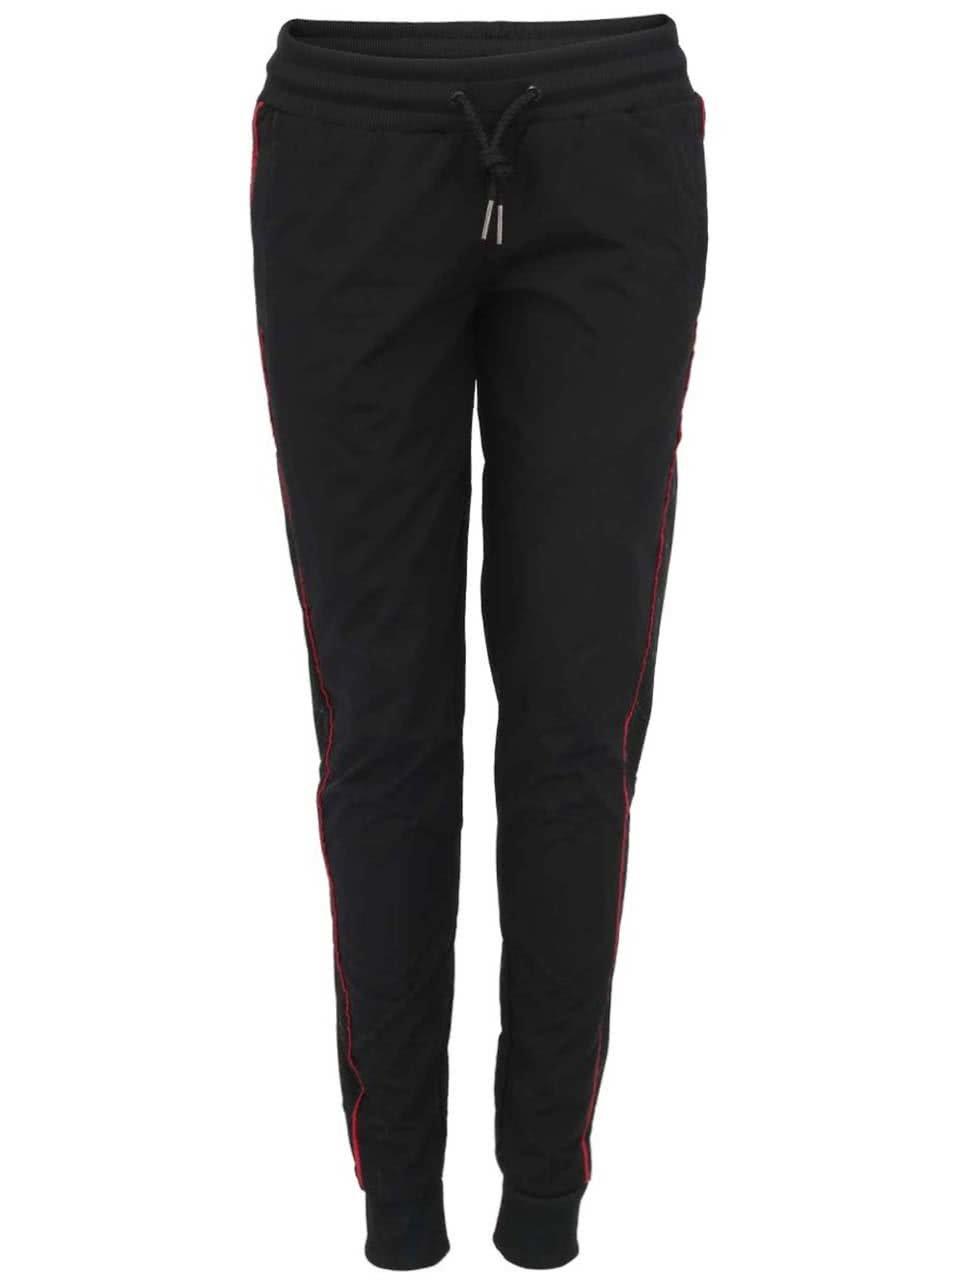 Černé dámské šusťákové tepláky Voi Jeans Lady Exceleyj